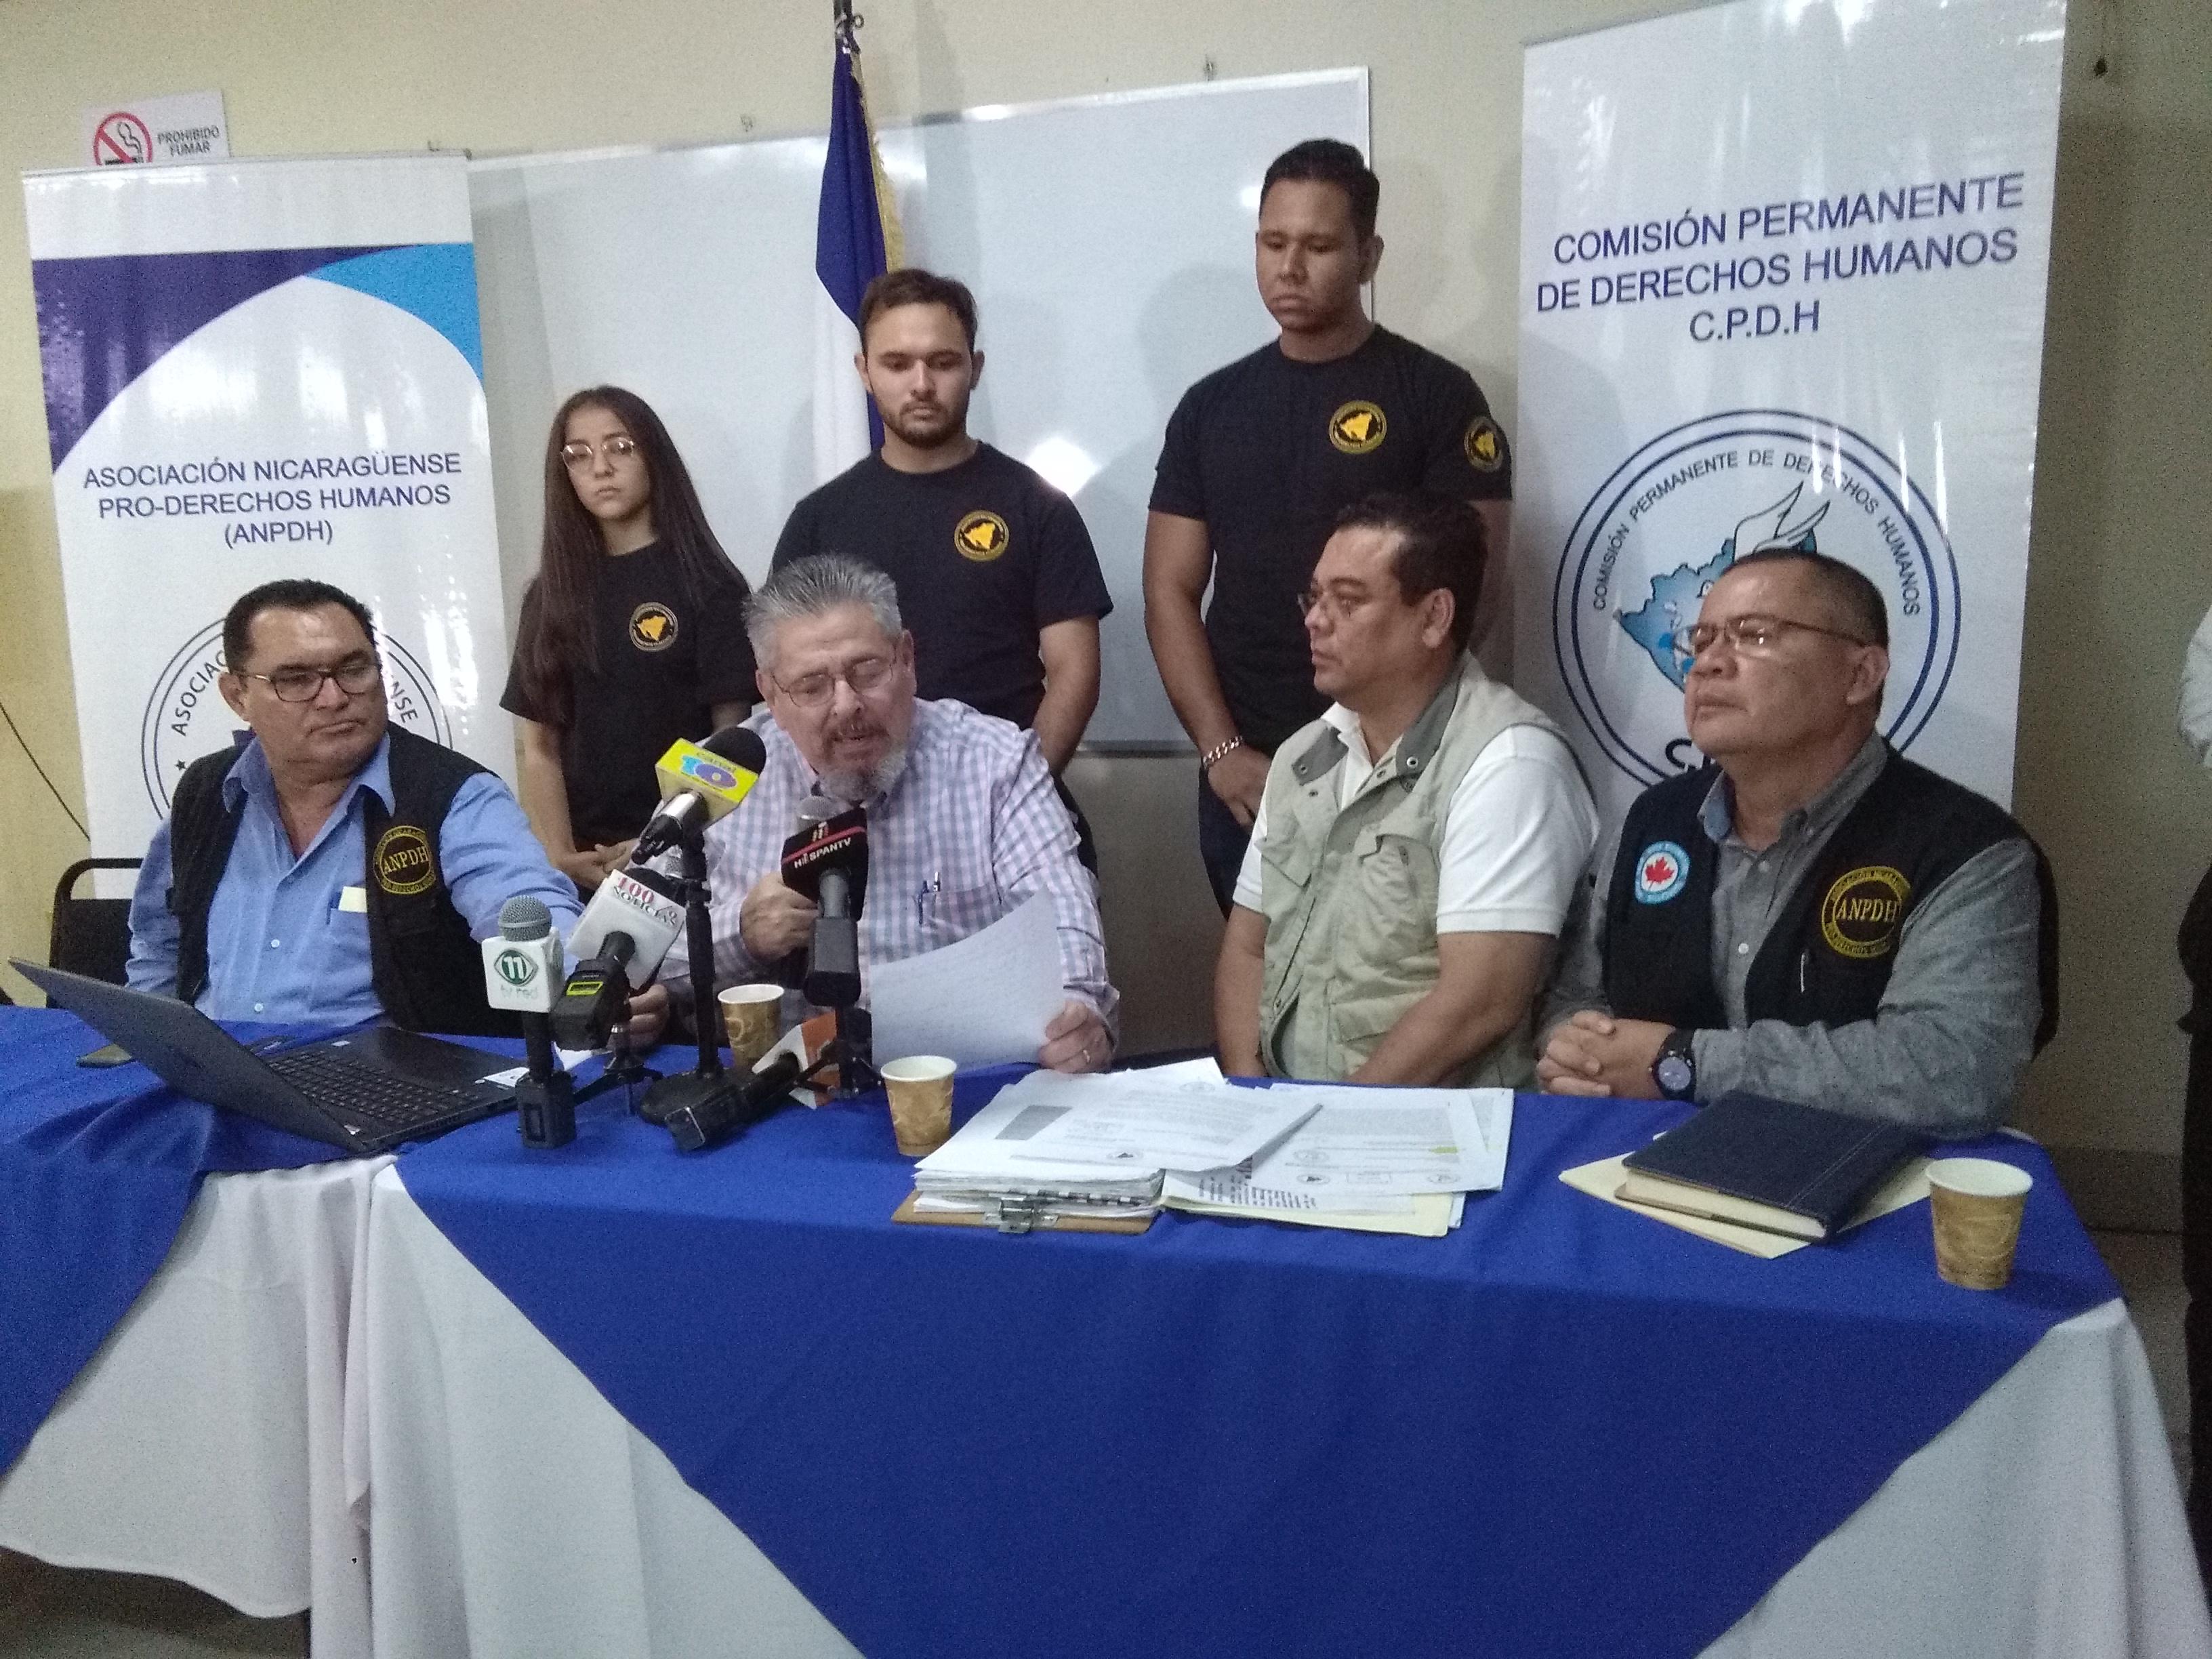 Informe sobre violaciones a los derechos humanos en Nicaragua de la ANPDH y CPDH. Foto: A. Cruz